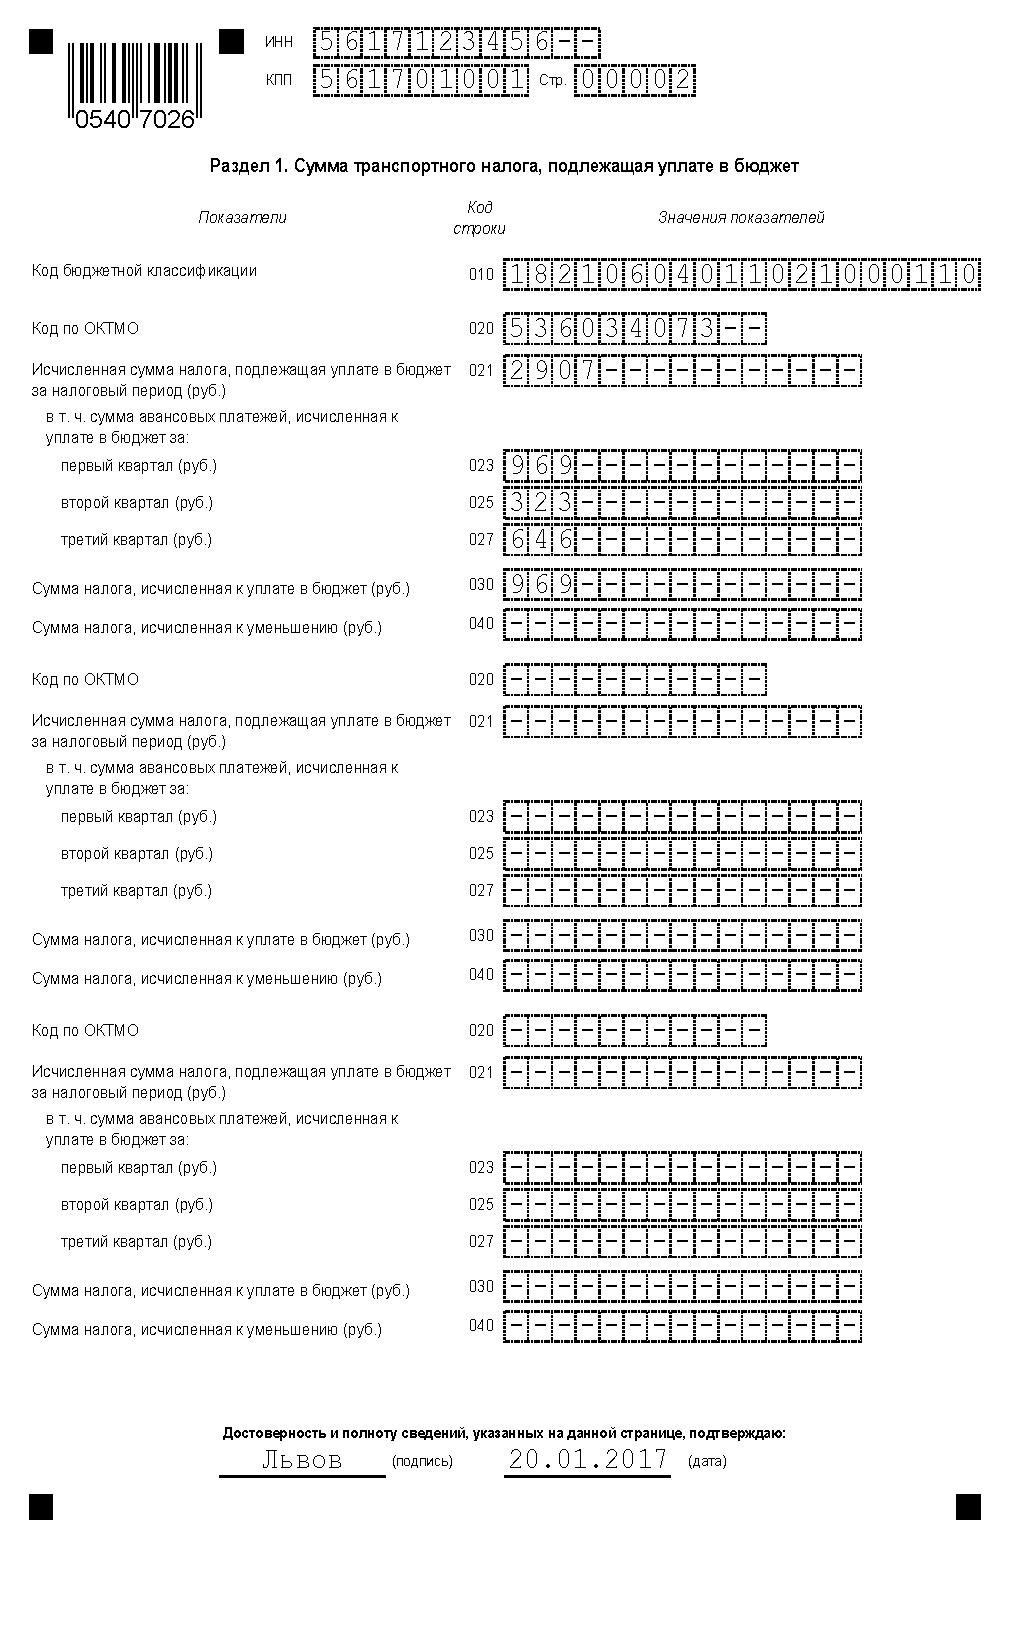 Образец заполнения декларации по транспортному налогу за 2016 год